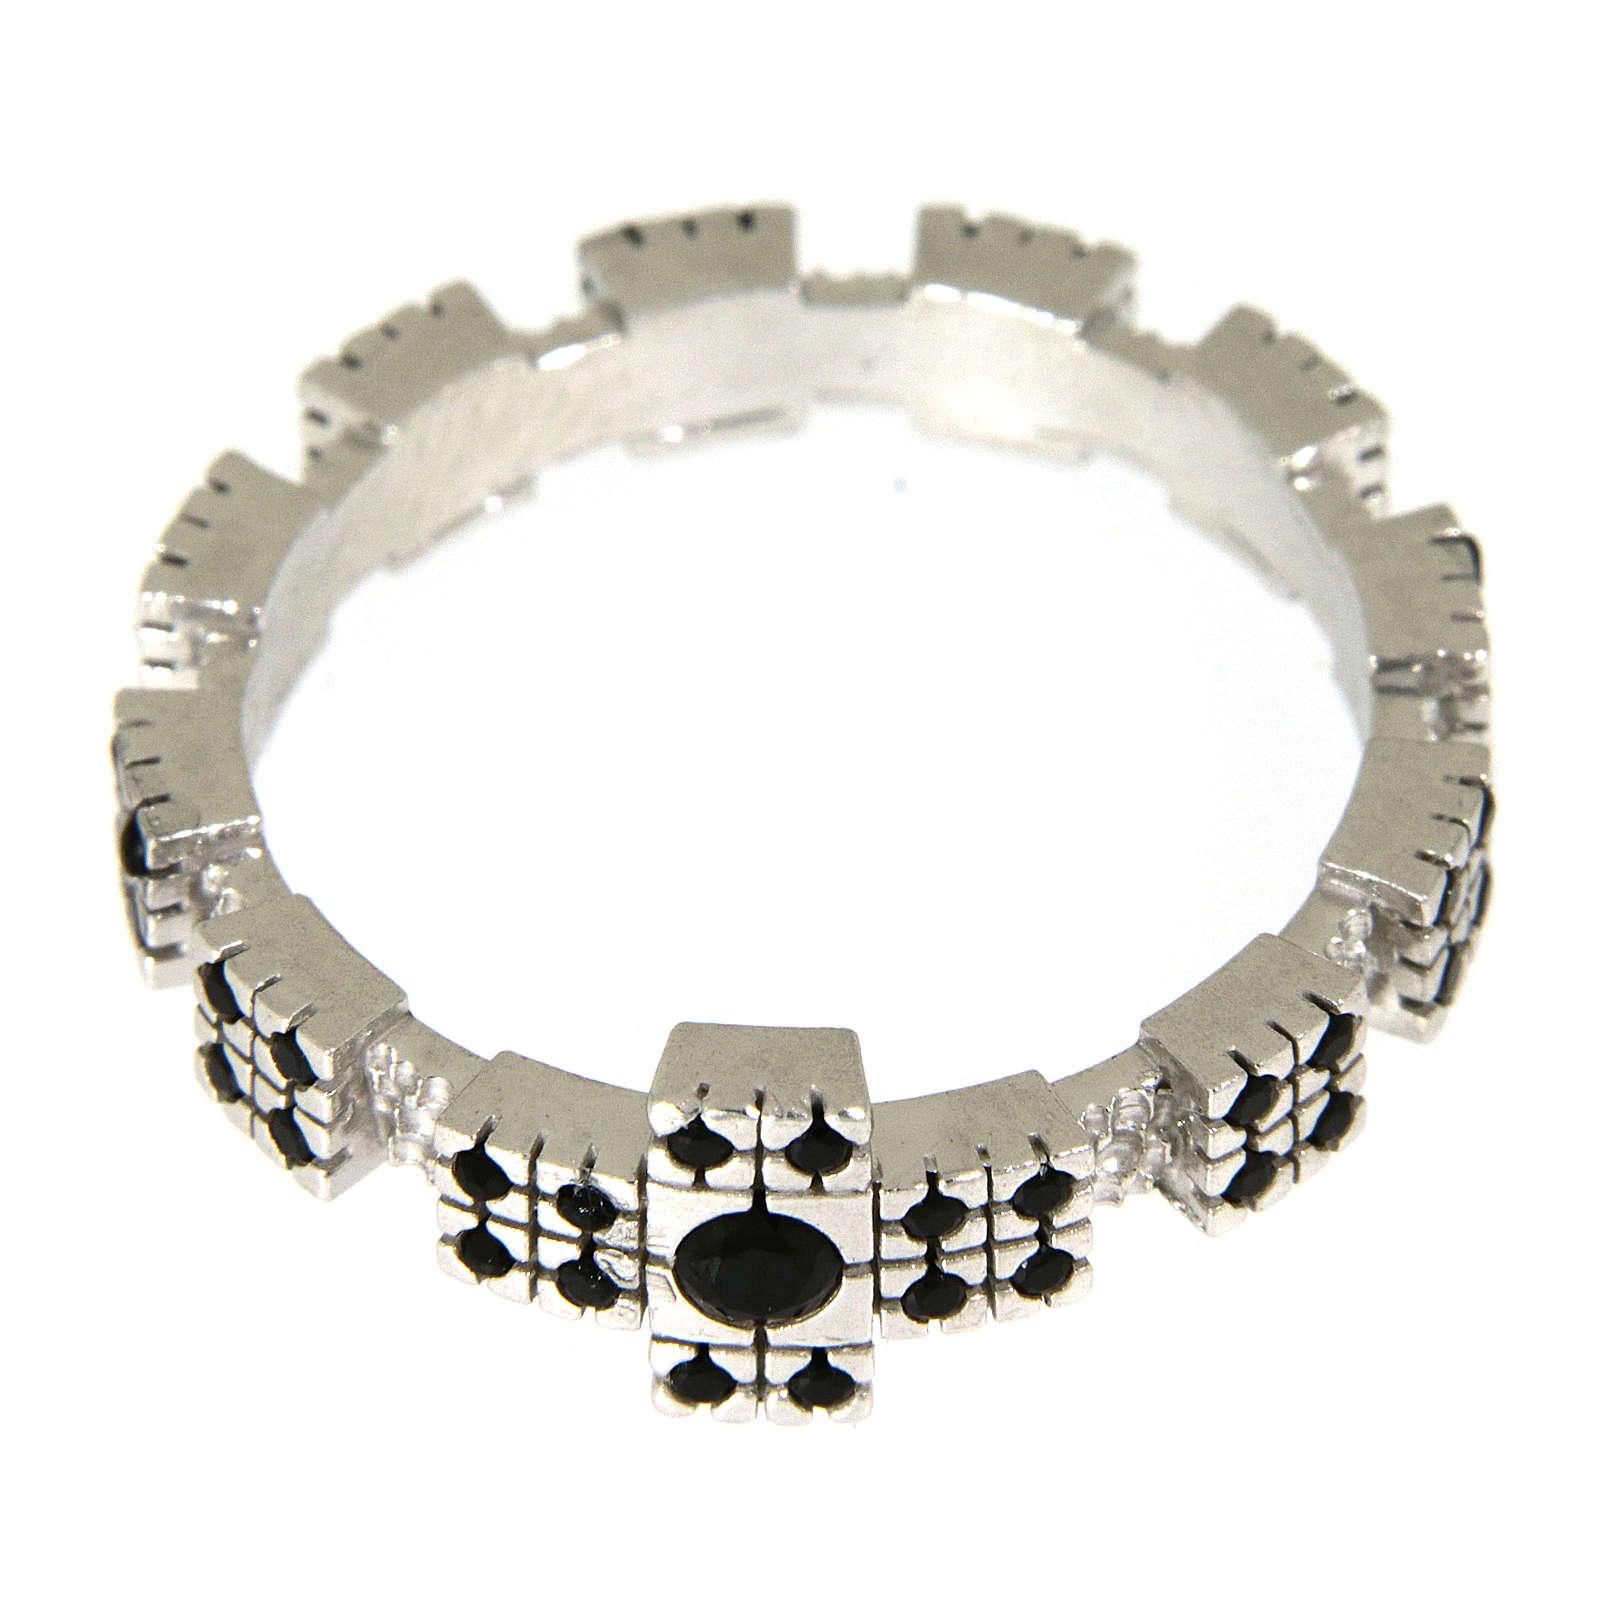 Anello argento 925 rodiato con zirconi neri 3